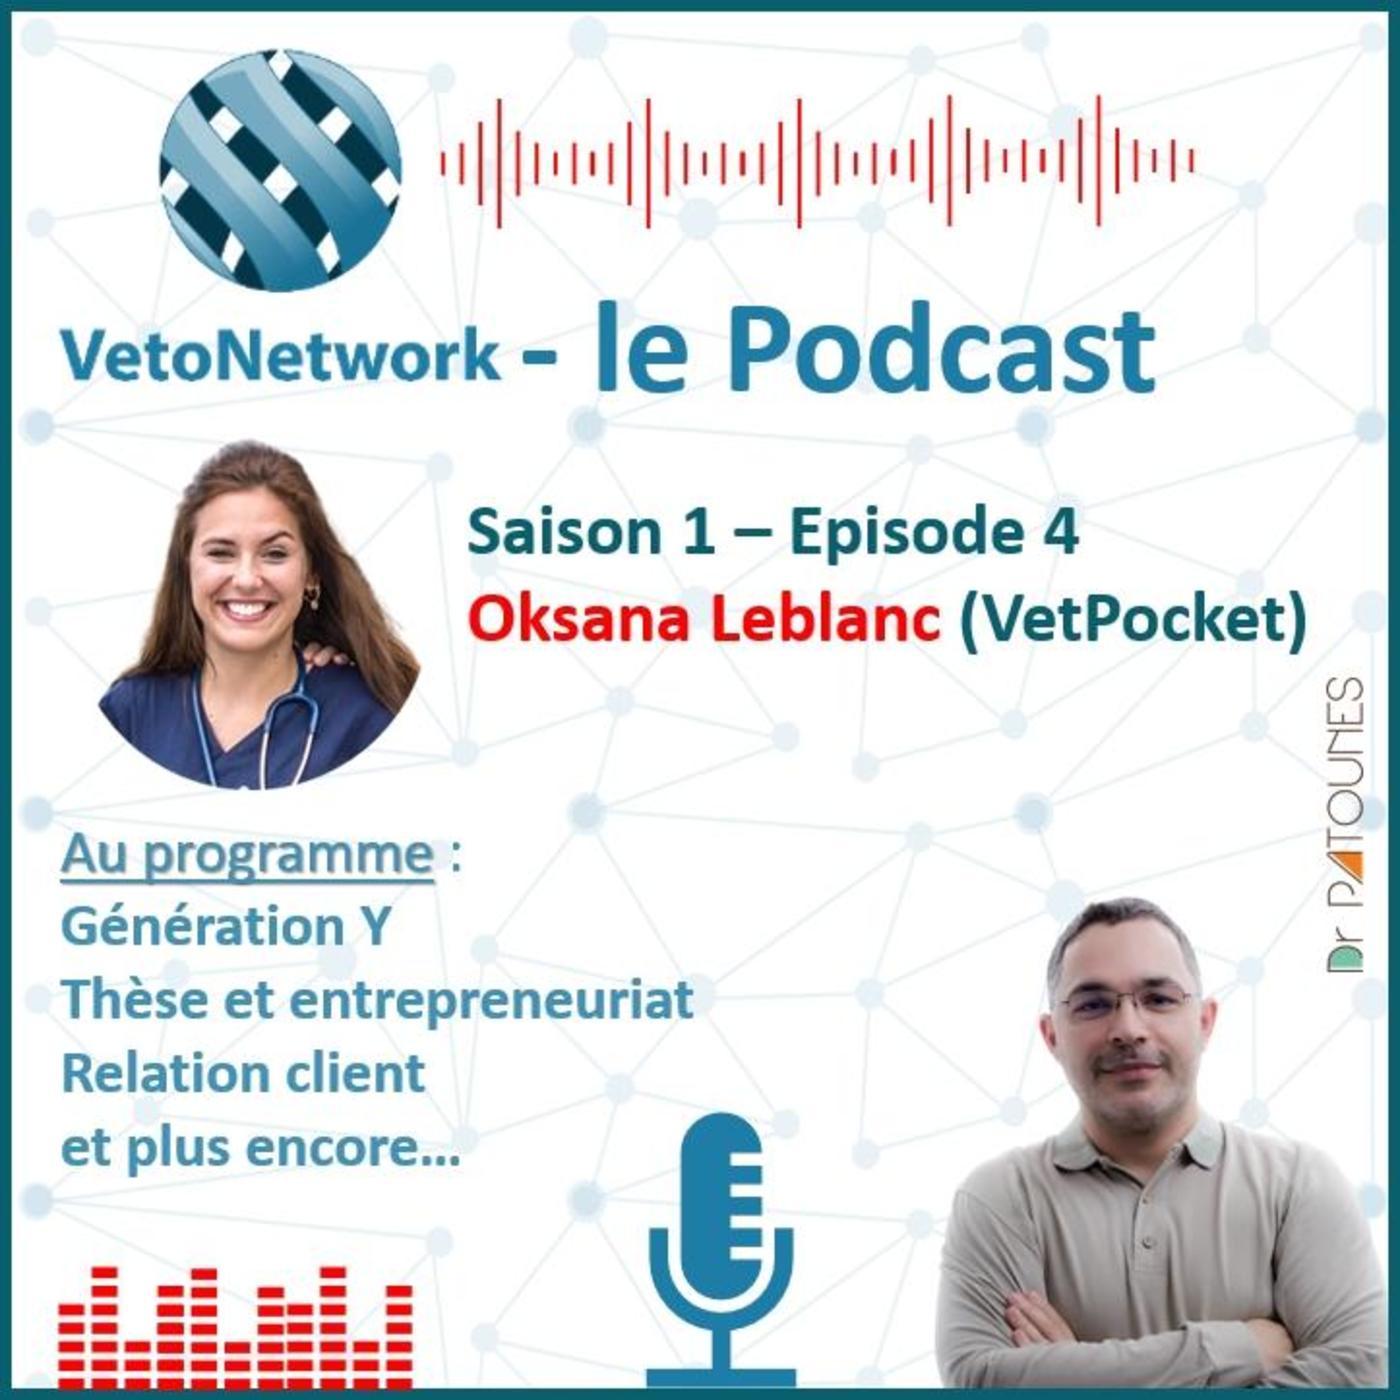 📲 Oksana Leblanc (VetPocket) 👩⚕